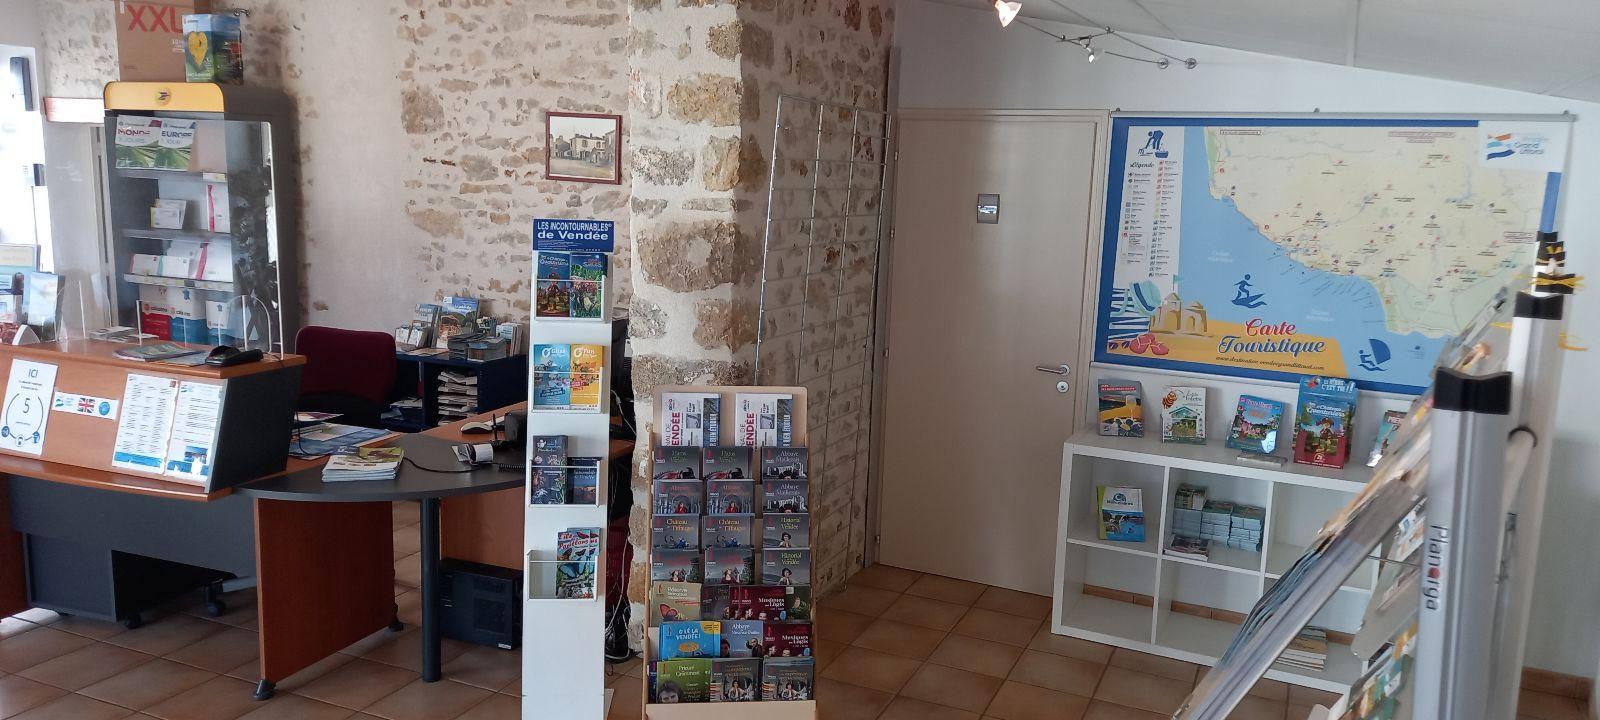 Bureau_de_tourisme_Avrillé_2